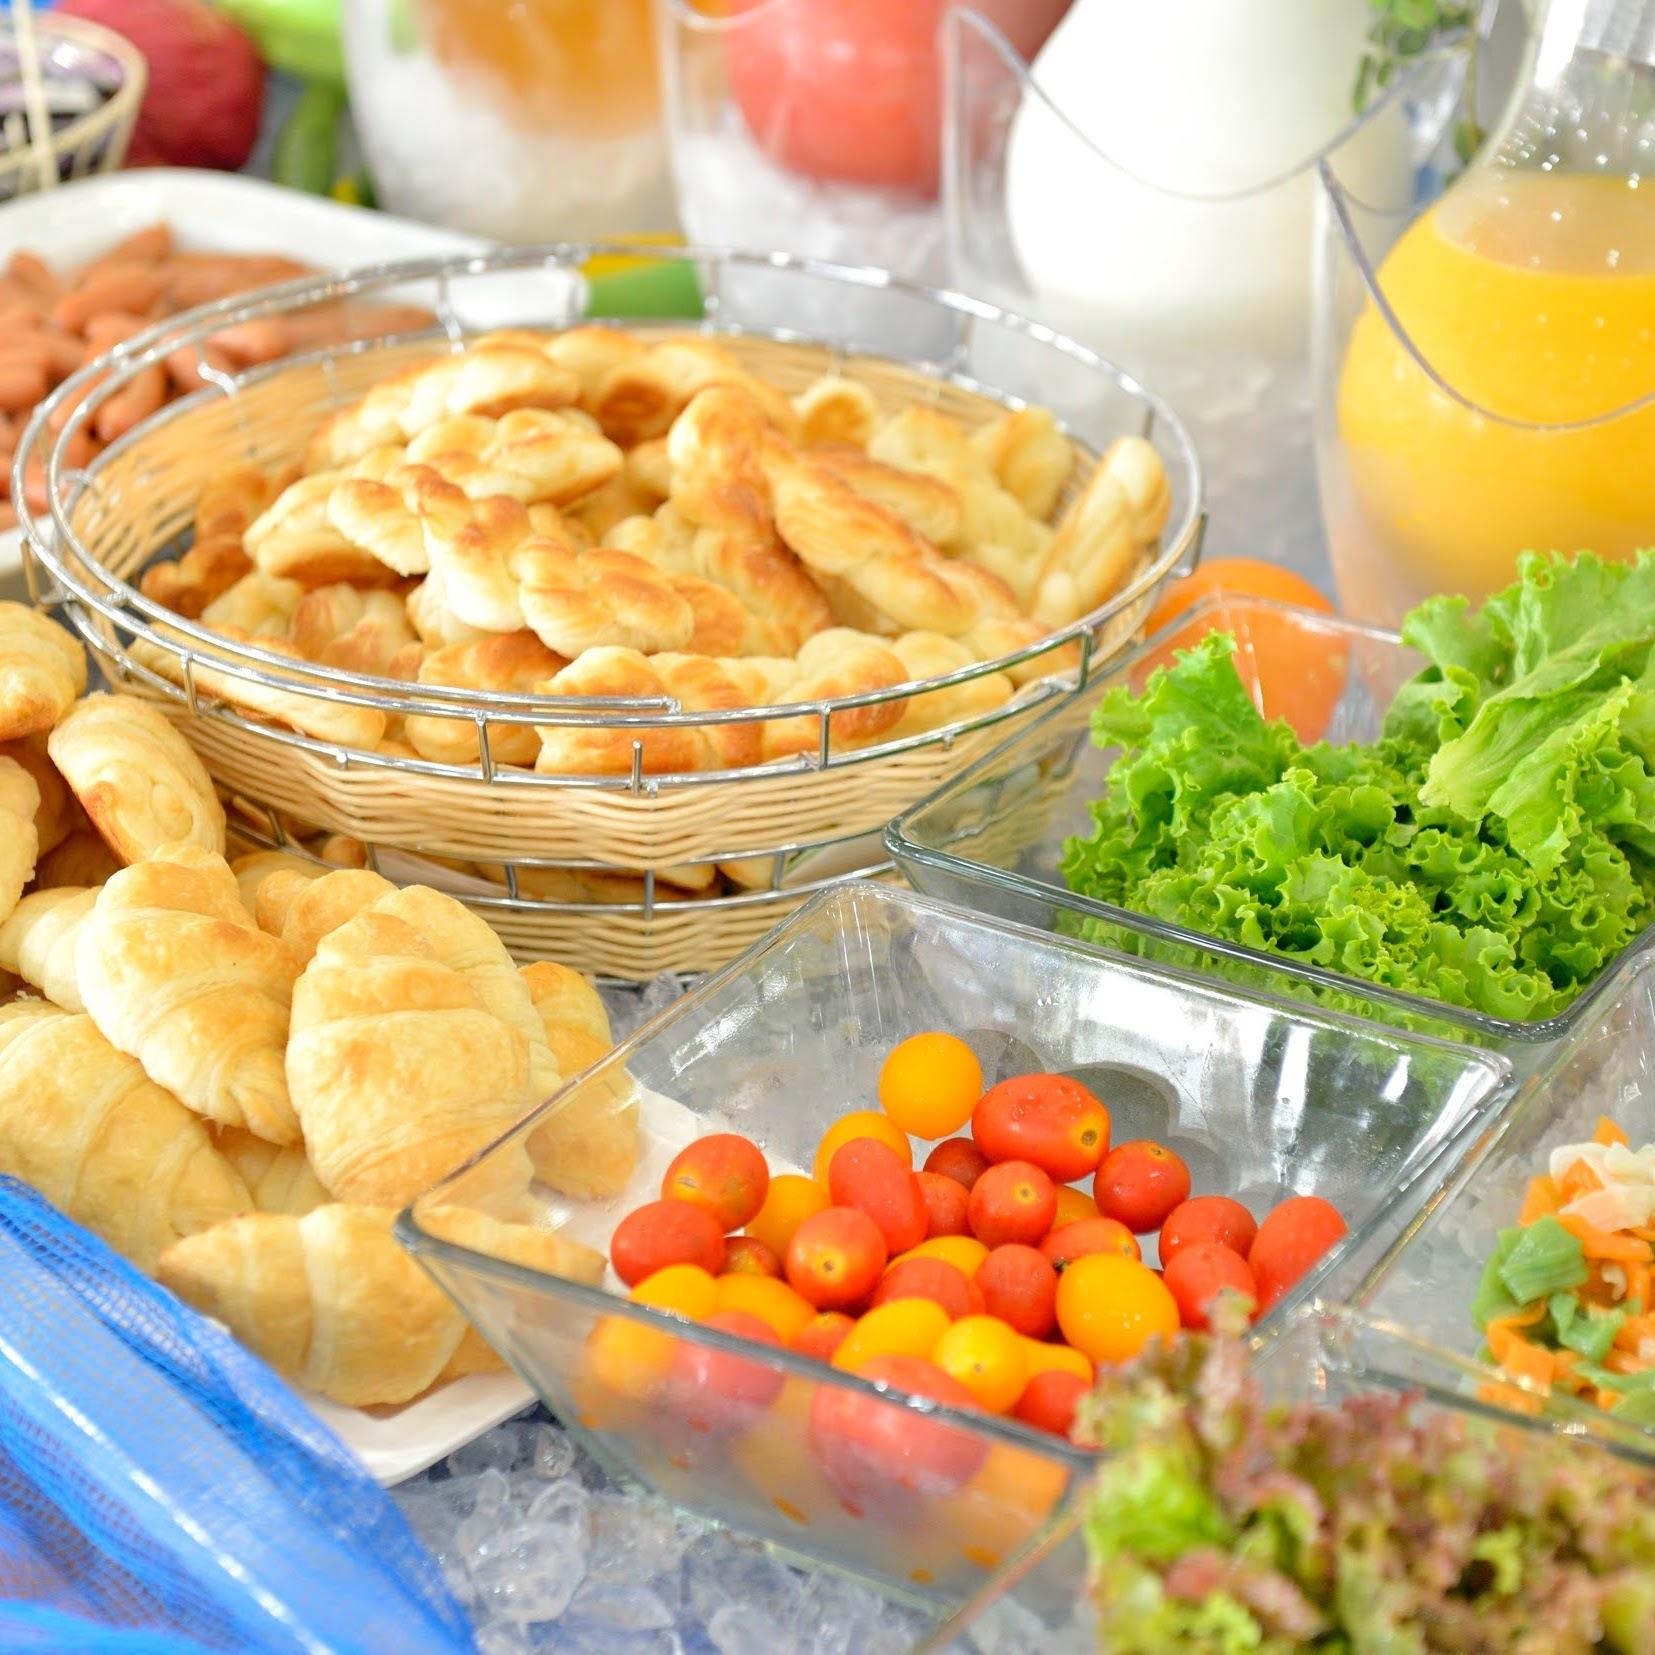 【島巡り・一人旅にもおススメ】お手軽朝食付きプラン